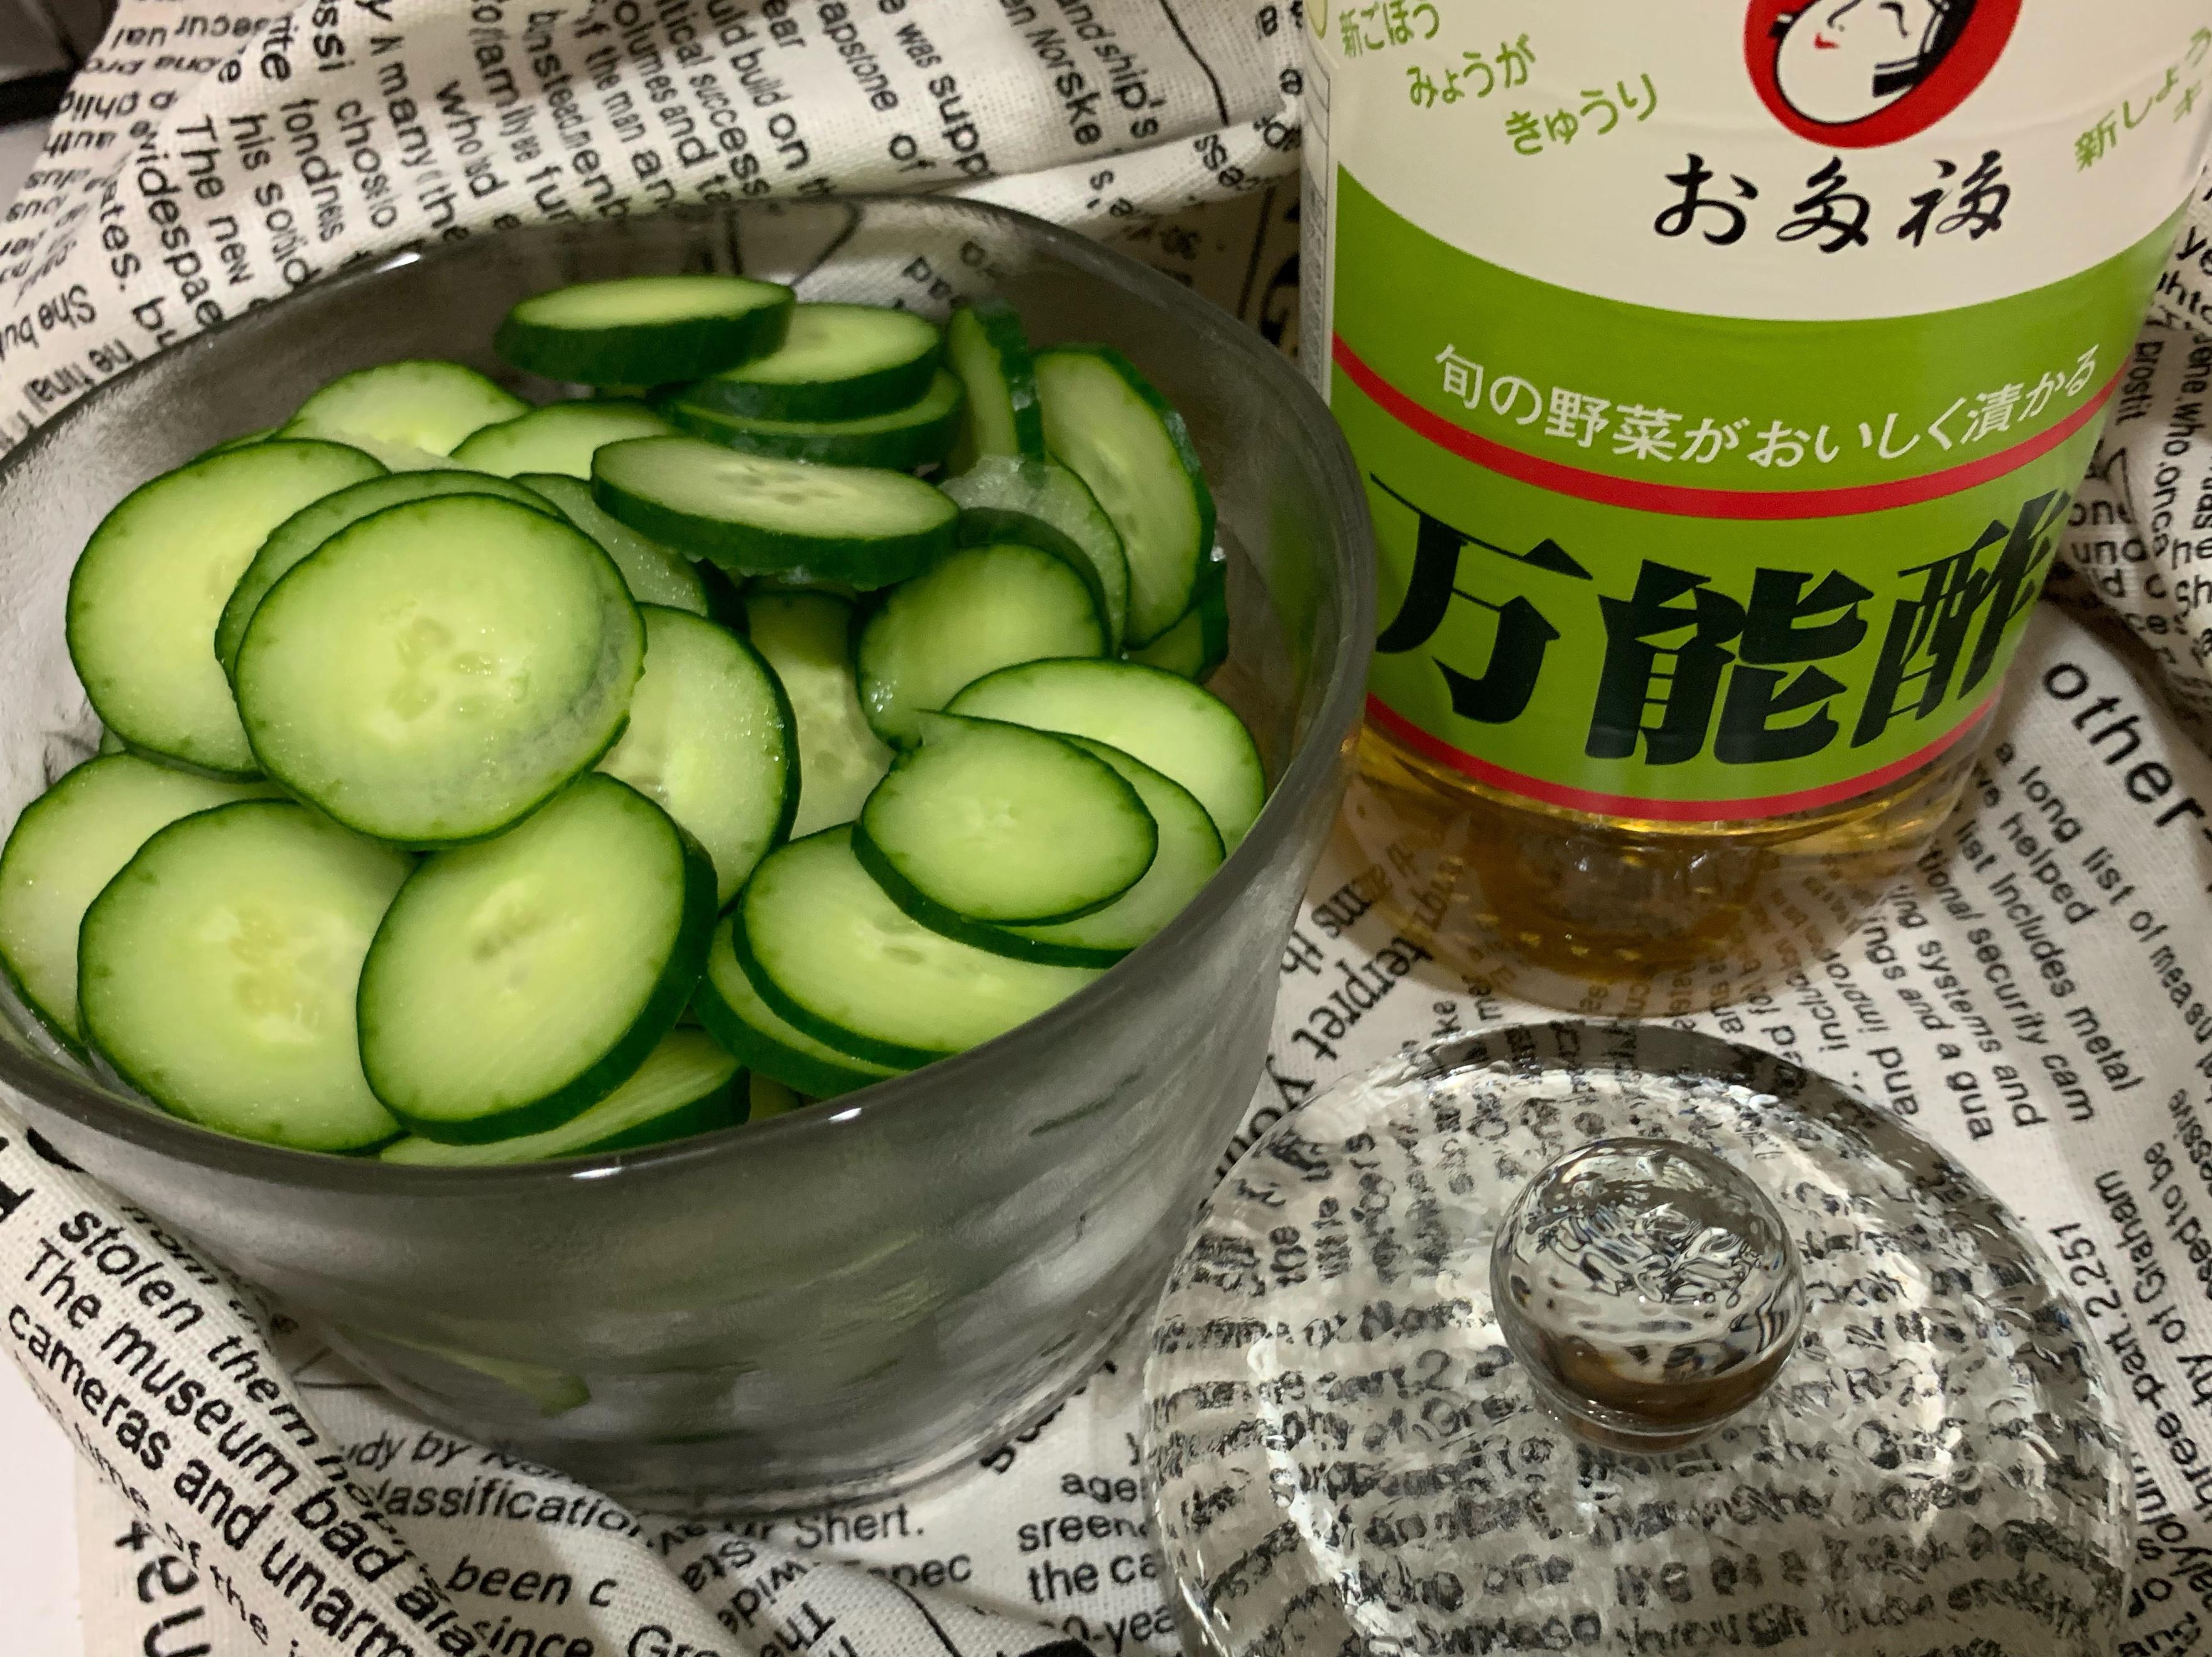 簡易涼拌小黃瓜(萬能醋)